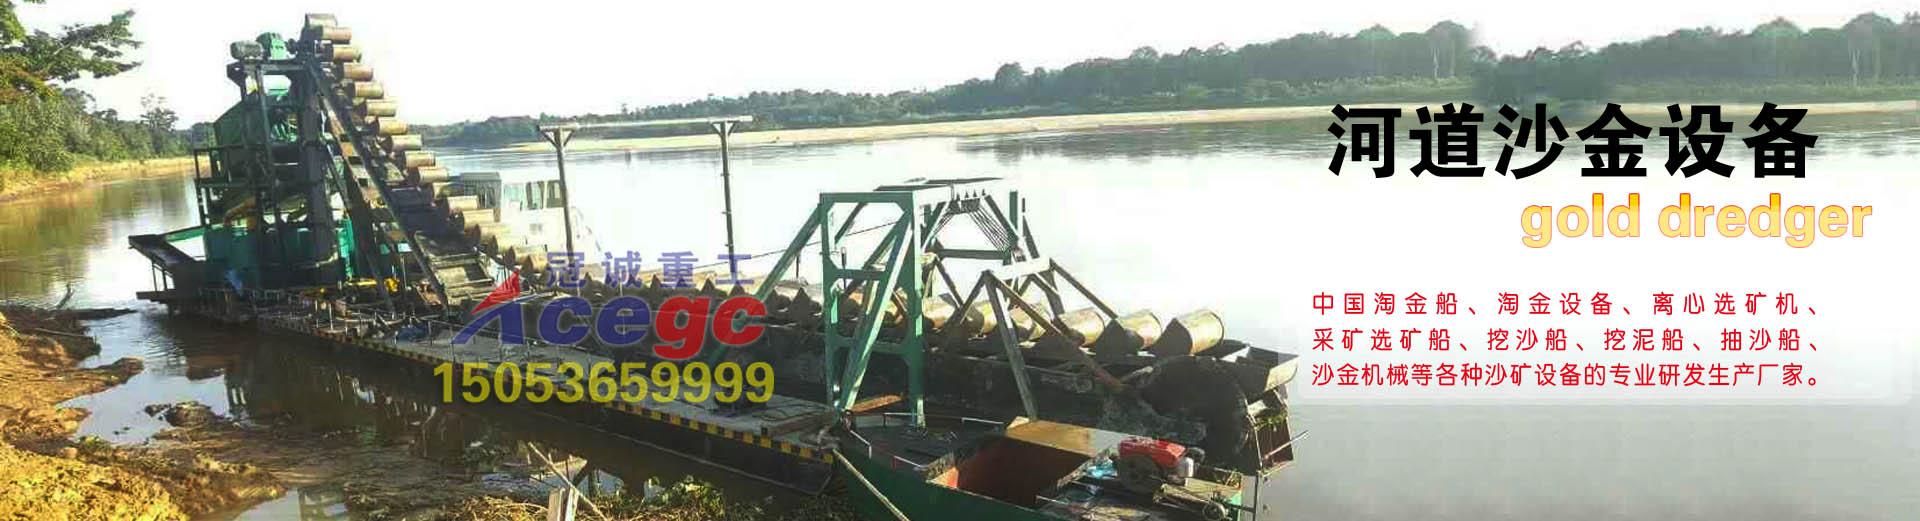 河daosha金设备